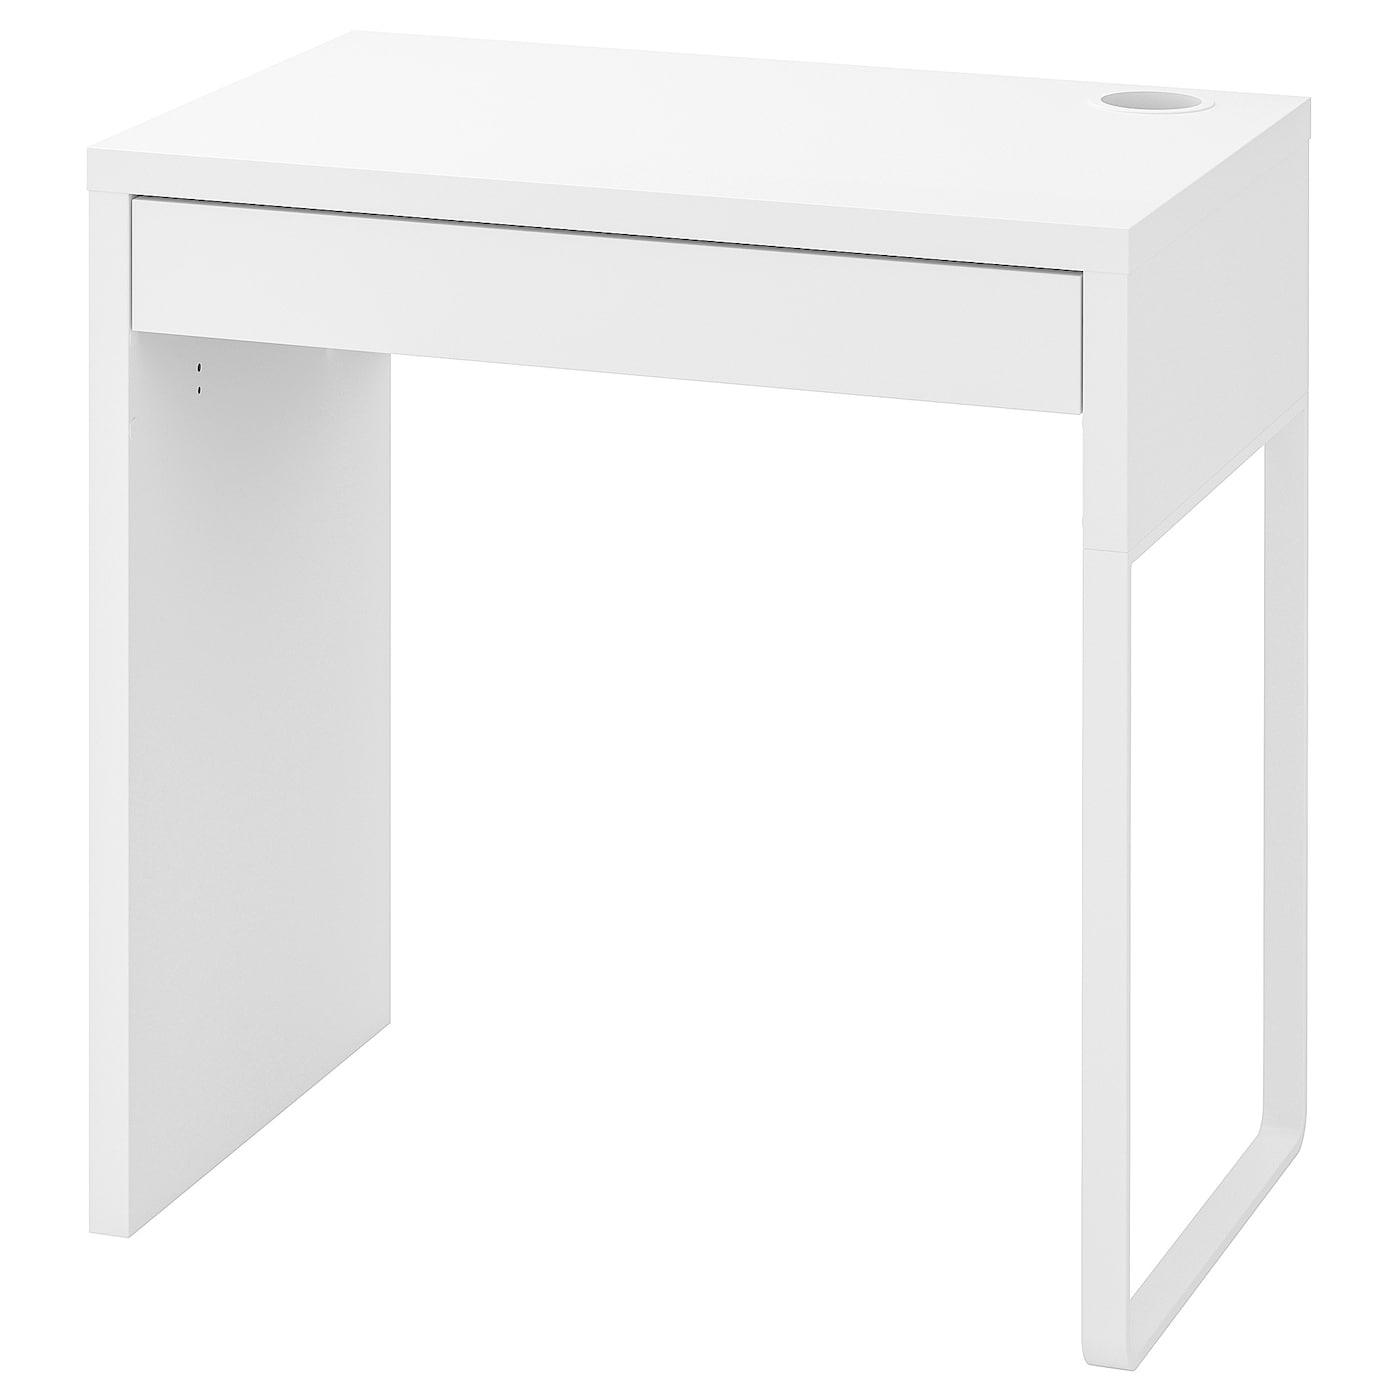 Micke Desk White 28 3 4x19 5 8 Ikea